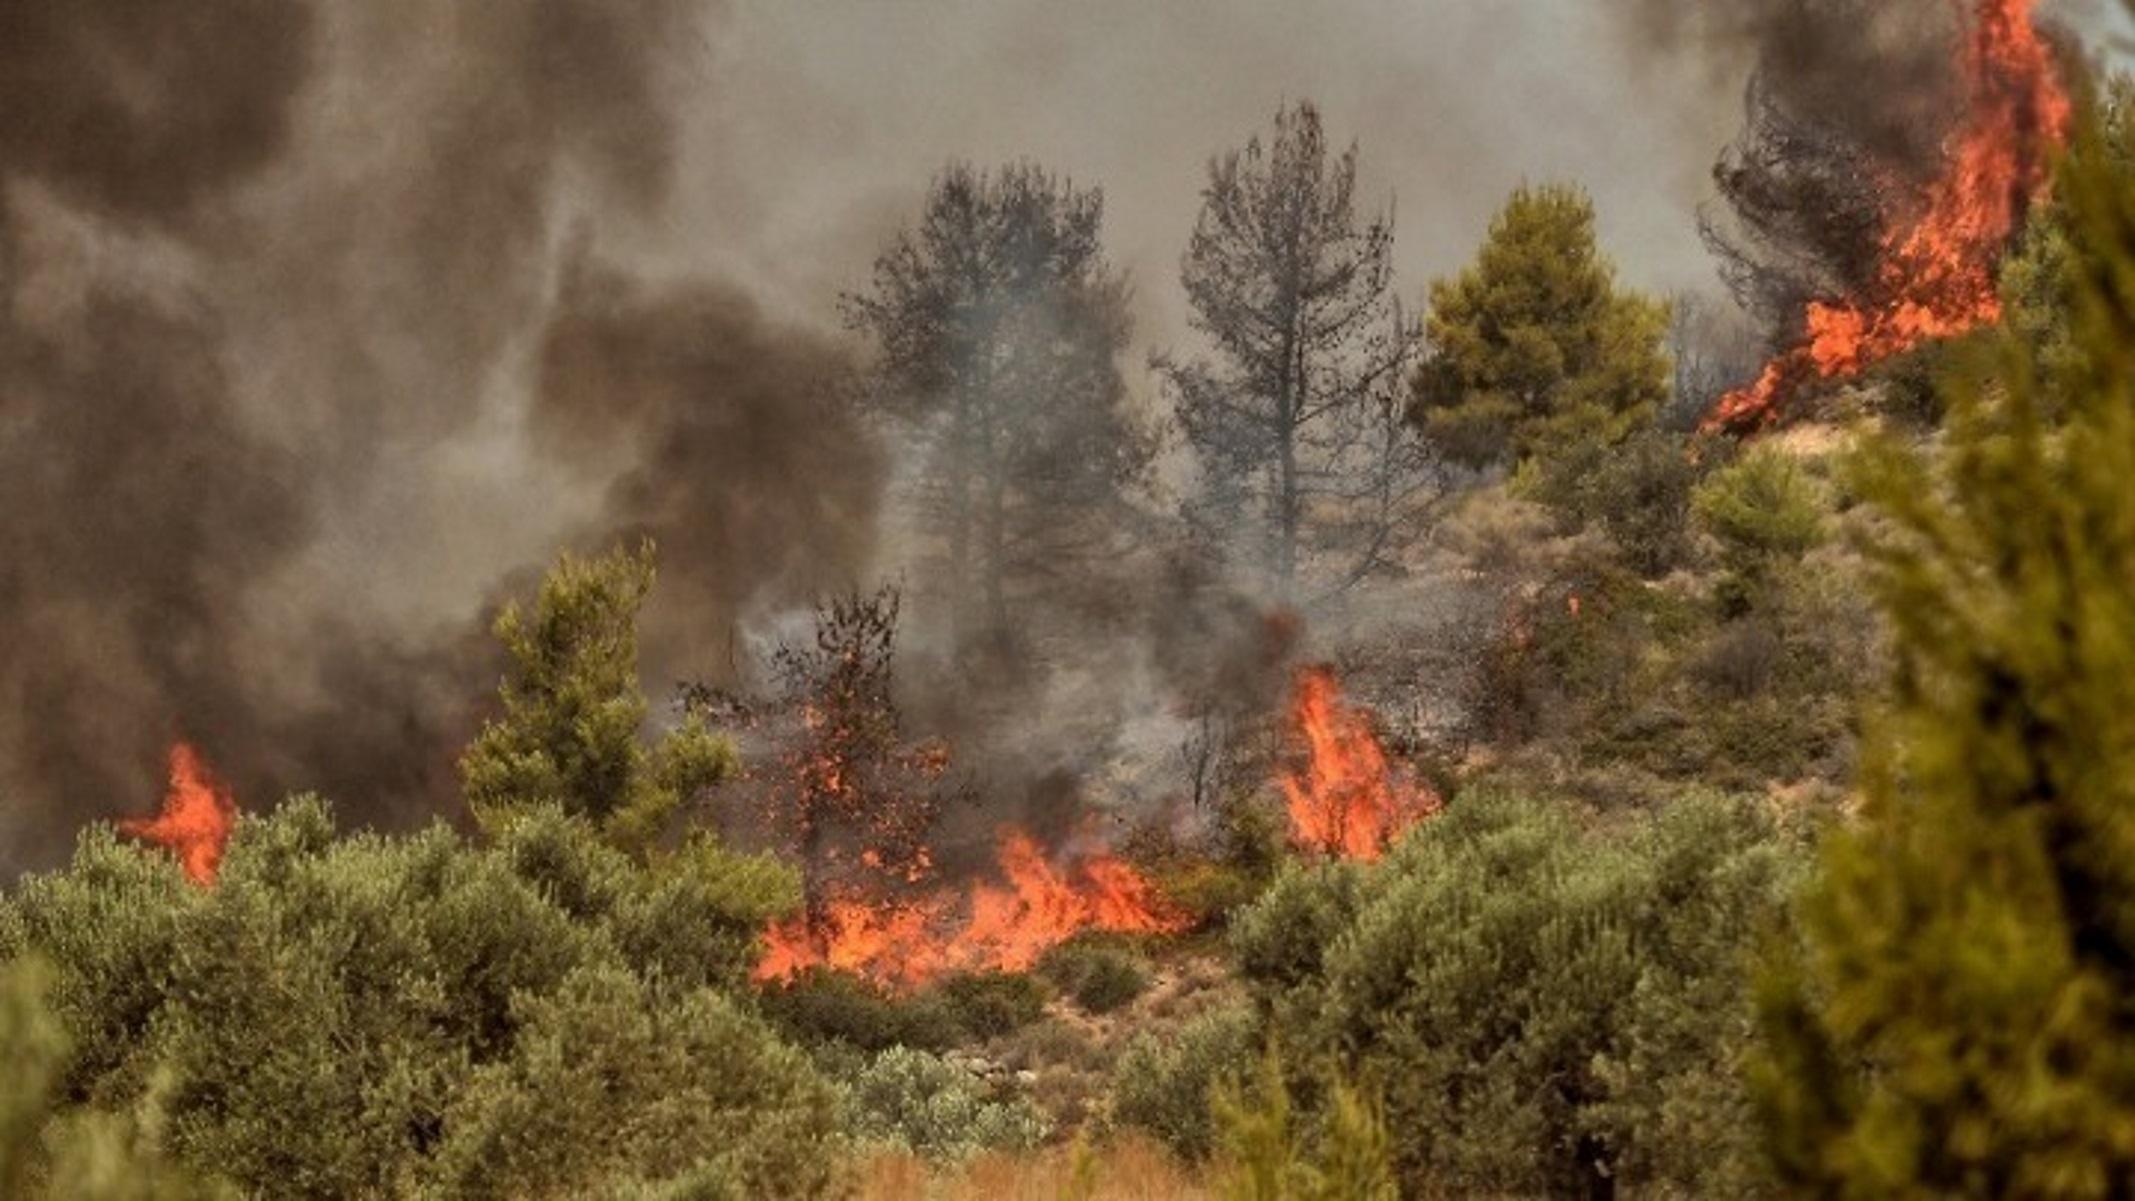 Σε πύρινο κλοιό η Κύπρος: Φωτιές σε Λεμεσό, Λάρνακα και Λευκωσία